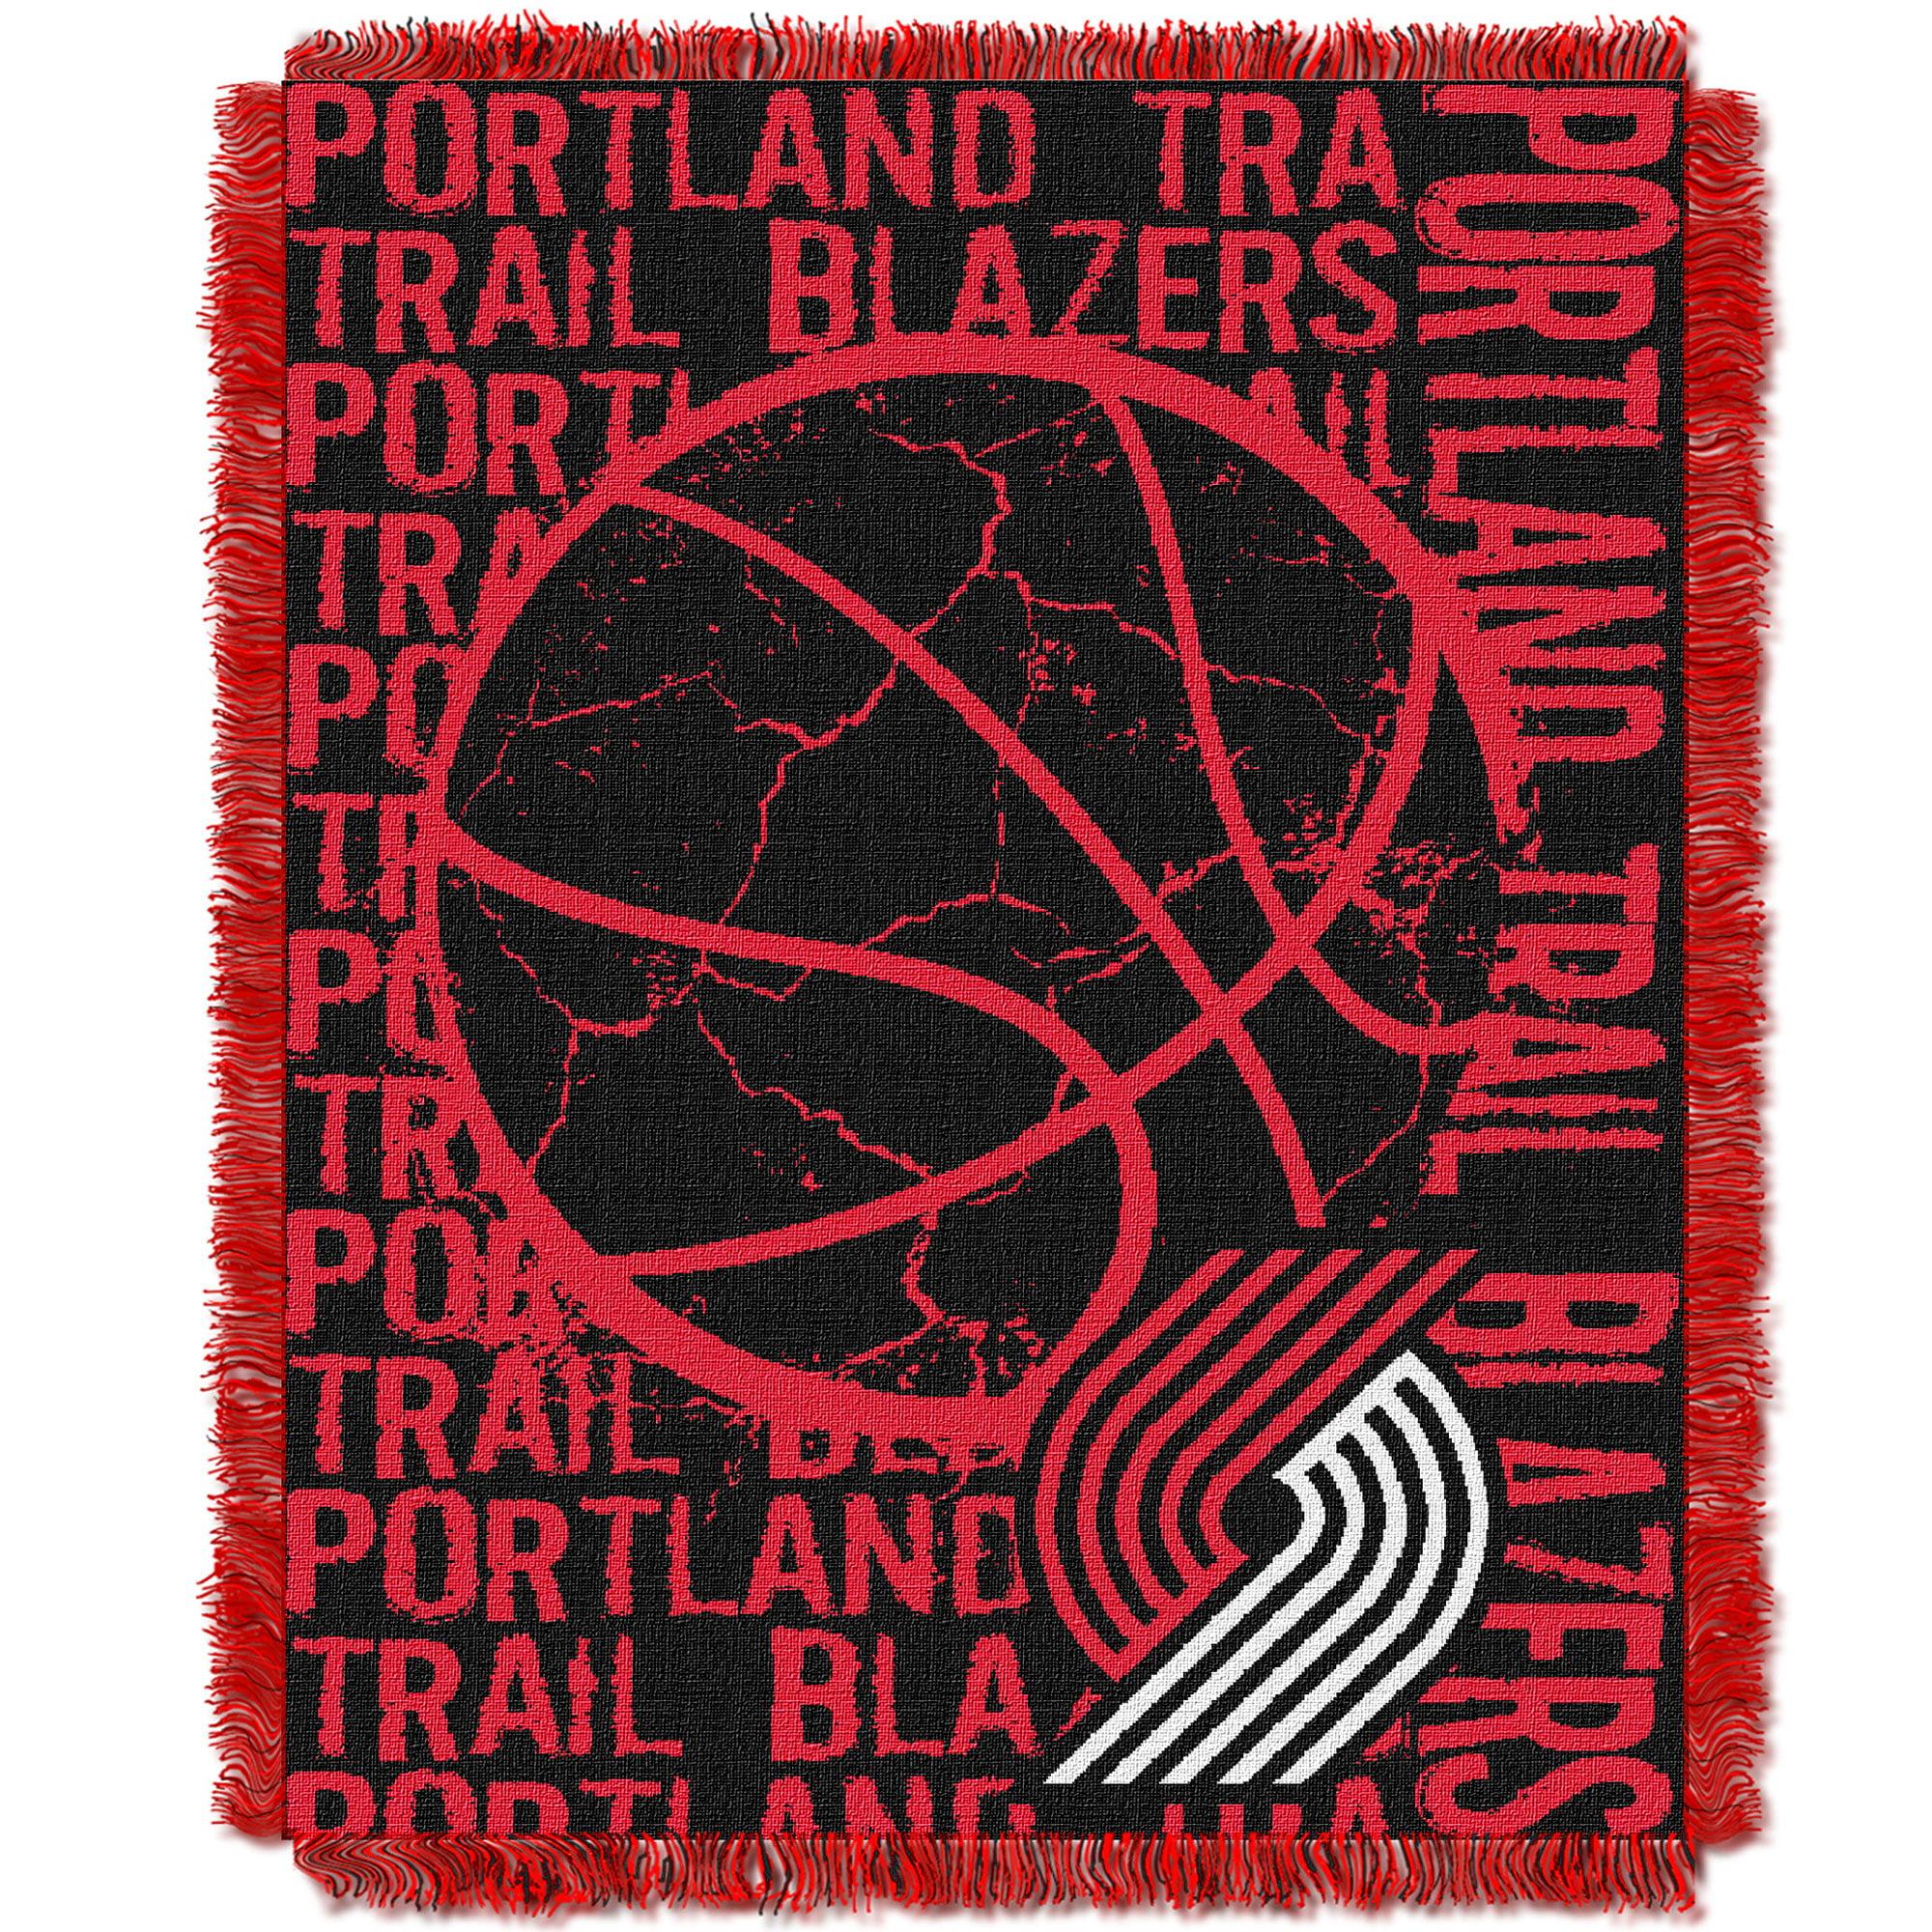 Portland Trail Blazers The Northwest Company 46'' x 60'' Double Play Jacquard Throw - No Size